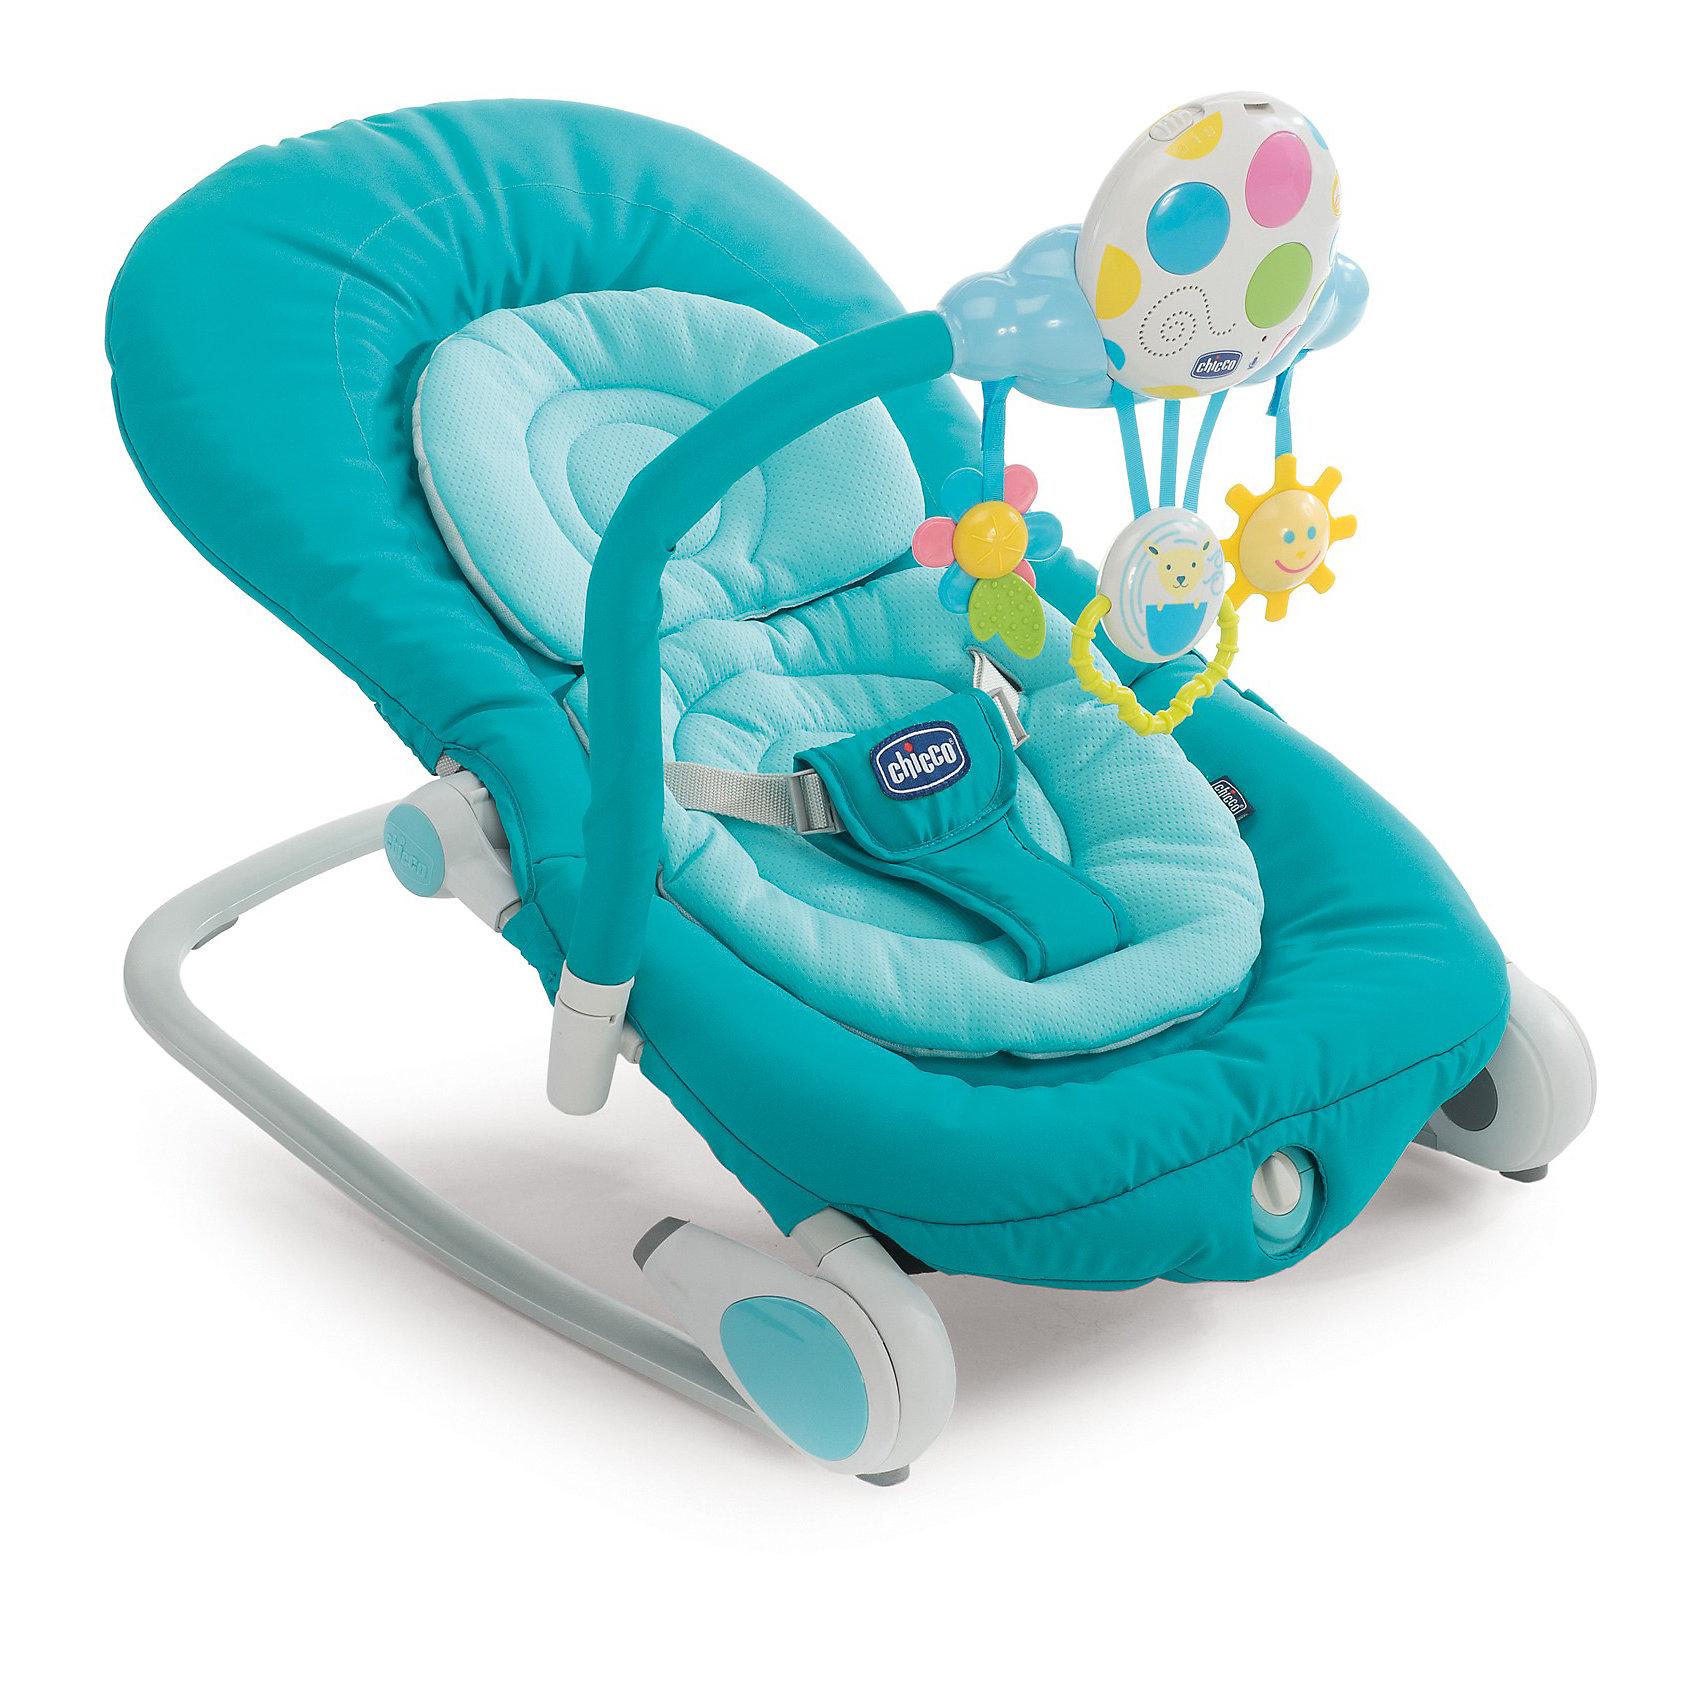 Кресло-качалка Balloon, Chicco, голубойЛегкое и удобное кресло-качалка Balloon, Chicco (Чико) - замечательное место для игр и отдыха малыша с рождения до 9 кг. (6 месяцев). Анатомическая конструкция кресла обеспечивает малышам правильное положение. Мягкое широкое сиденье со съемной моющейся подкладкой создает ребенку оптимальный комфорт. Спинка сиденья регулируется в четырех положениях, вплоть до горизонтального. Подголовник регулируется в 3 позициях по высоте ребенка. Кресло можно легко зафиксировать в статичном положении, либо трансформировать его в кресло-качалку, убрав ножки. Устройство легкой вибрации поможет малышу расслабиться. Ребенок надежно удерживается в кресле при помощи мягкого трехточечного ремня безопасности. <br><br>Для развлечения малыша в комплекте предусмотрен съемный электронный модуль с тремя подвесными забавными игрушками, которые будут способствовать двигательной активности, тактильному и сенсорному развитию. При нажатии на кнопочки модуля, загораются цветные<br>огоньки и звучат приятные мелодии и звуки природы (6 мелодий и 6 звуков природы). Также можно записать свое сообщение протяженностью 30 секунд, чтобы ребенок слышал Ваш голос. Модуль легко крепится к детской кроватки с помощью ремешка и поможет успокоить малыша перед сном. Кресло-качалка быстро складывается с помощью двух специальных кнопок и не занимает много места при хранении. Имеются две прочные тканевые ручки для переноски. Чехол из ткани легко снимется и стирается при комнатной температуре. Максимальный вес ребенка - 9  кг.<br><br>Дополнительная информация:<br><br>- Цвет: голубой.<br>- Материал: текстиль, пластик, металл.<br>- Возраст: 0-6 мес.<br>- Требуются батарейки: 2 х AA, 1 x LR20 1,5V (не входят в комплект).<br>- Размер в разложенном виде: 78 х 43 х 32/62 см.<br>- Размер в сложенном виде: 80 х 17 х 43 см.<br>- Вес: 4,5 кг.<br><br>Кресло-качалку Balloon, Chicco (Чико), голубой, можно купить в нашем интернет-магазине.<br><br>Ширина мм: 810<br>Глубина мм: 500<br>Высота мм: 14